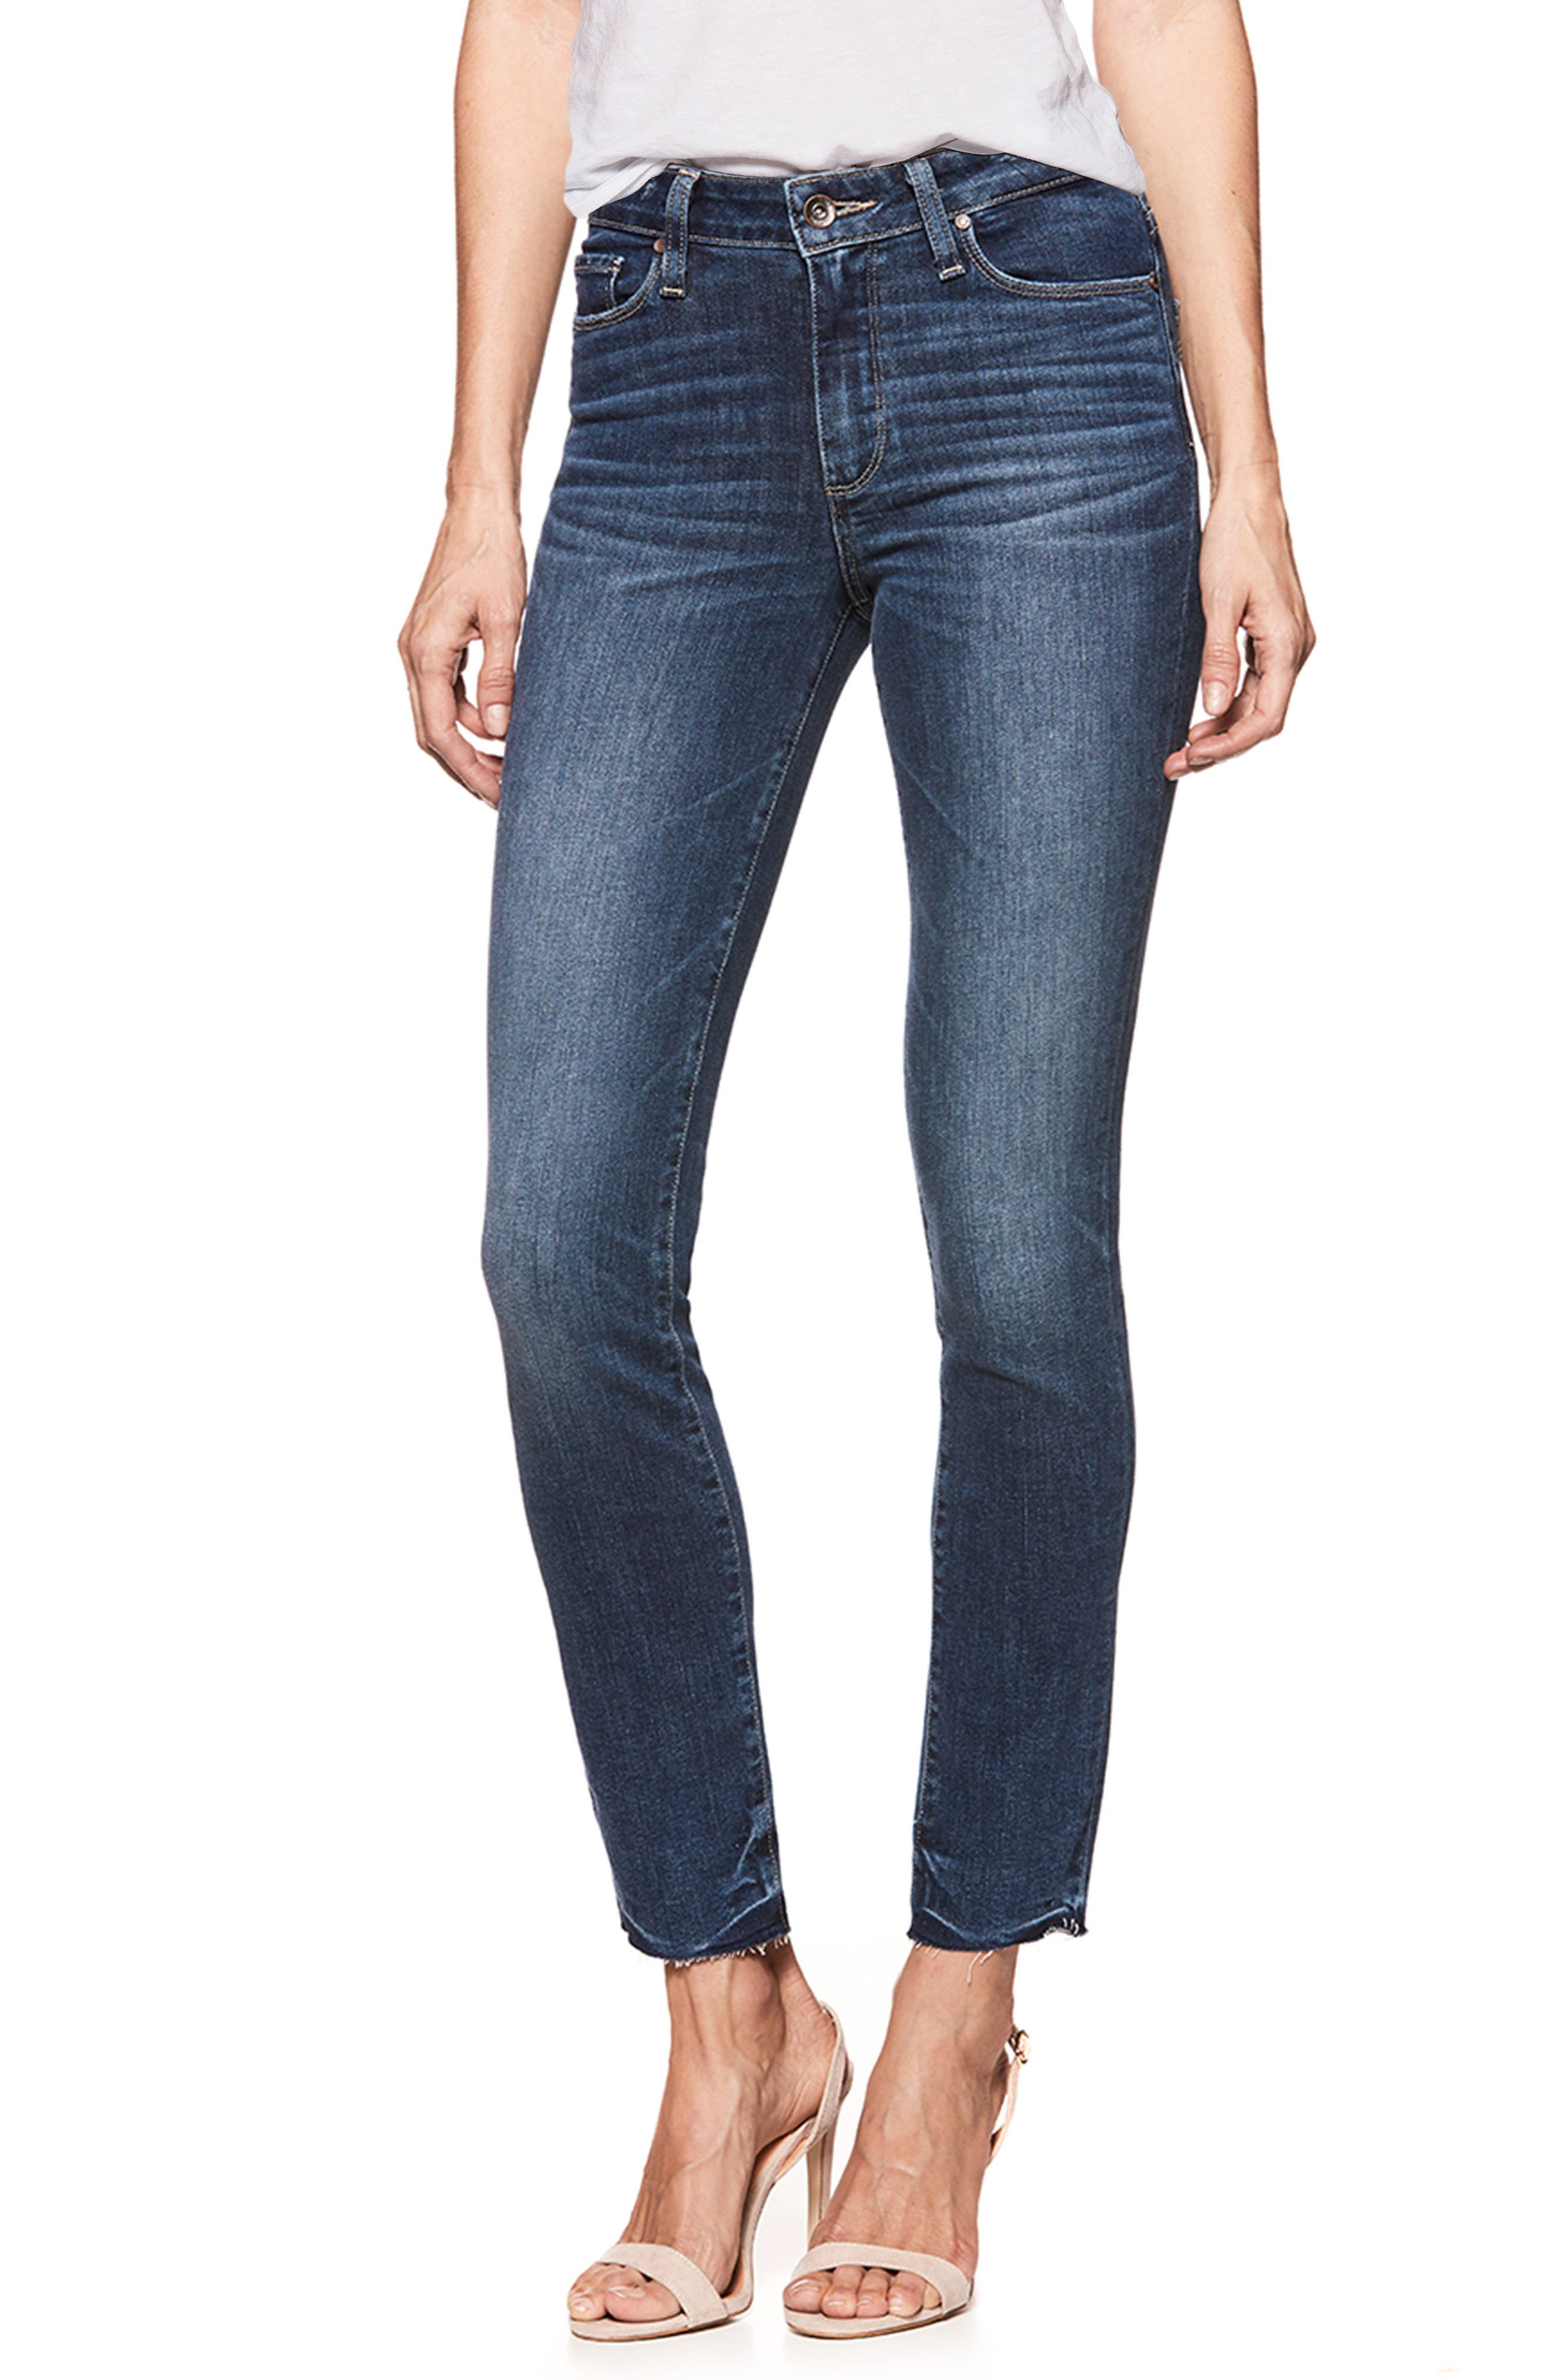 Transcend Vintage - Hoxton High Waist Ankle Peg Jeans,                         Main,                         color, 400